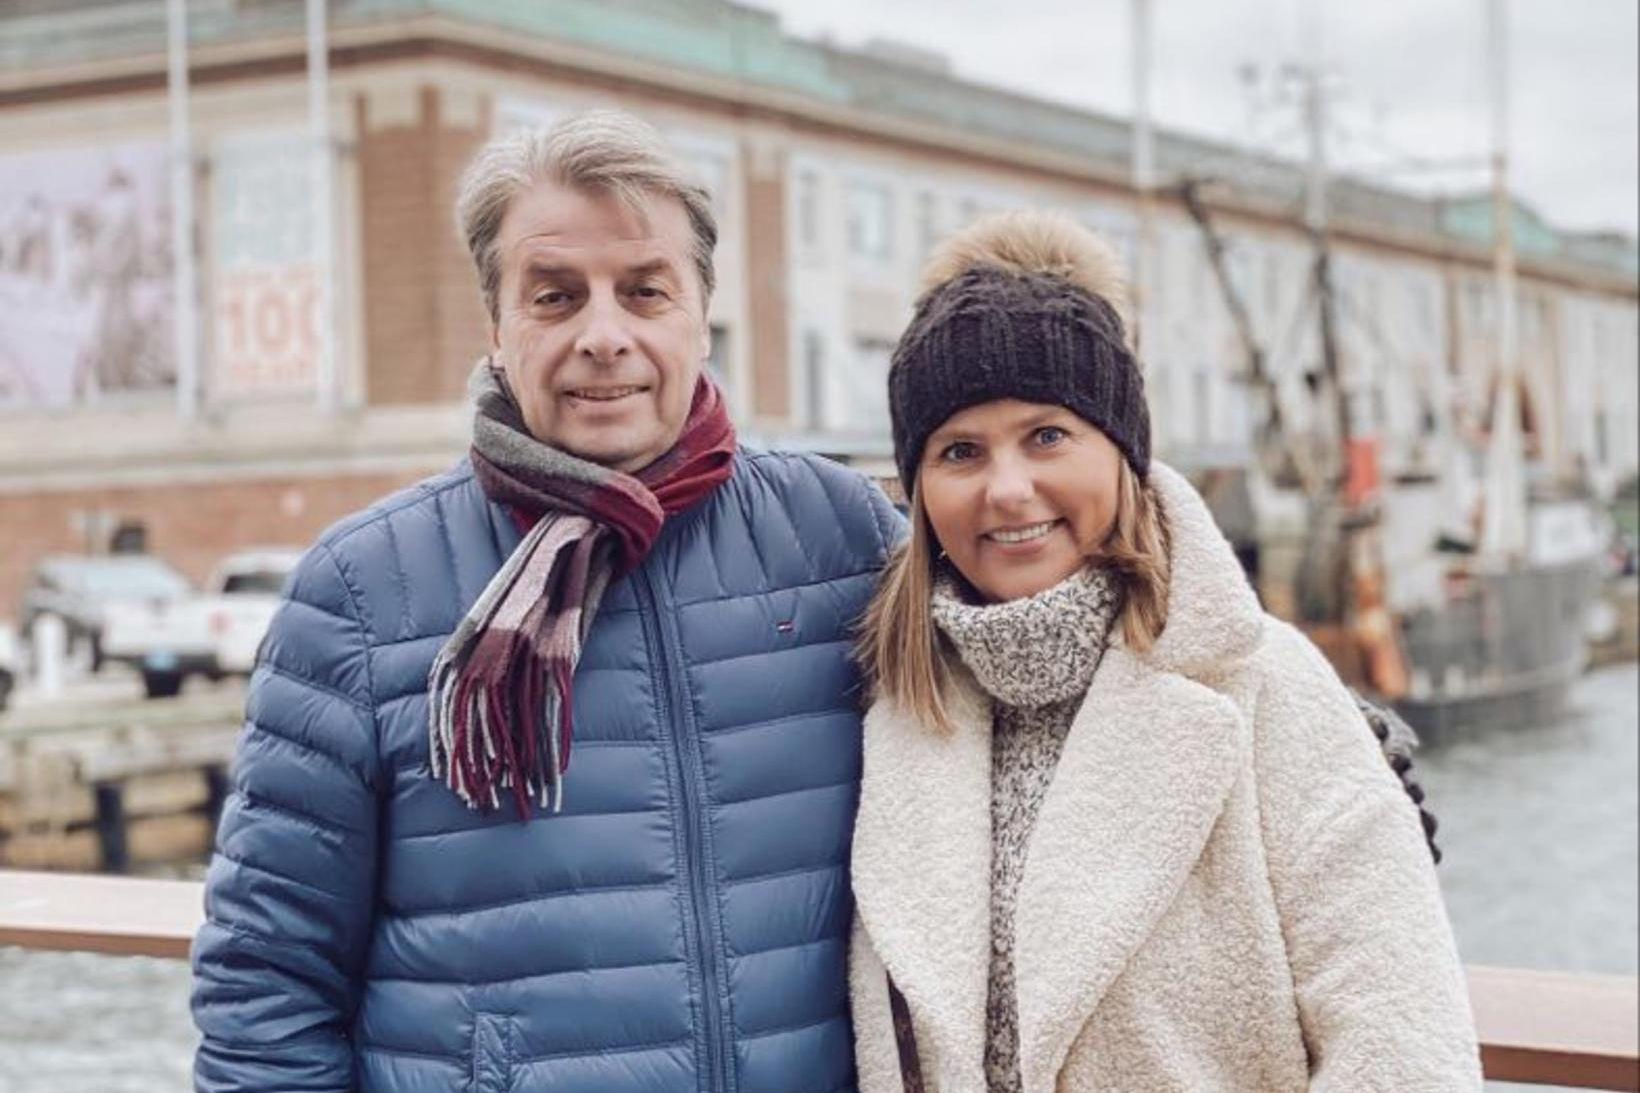 Úlfar Steindórsson og Jóna Ósk Pétursdóttir.